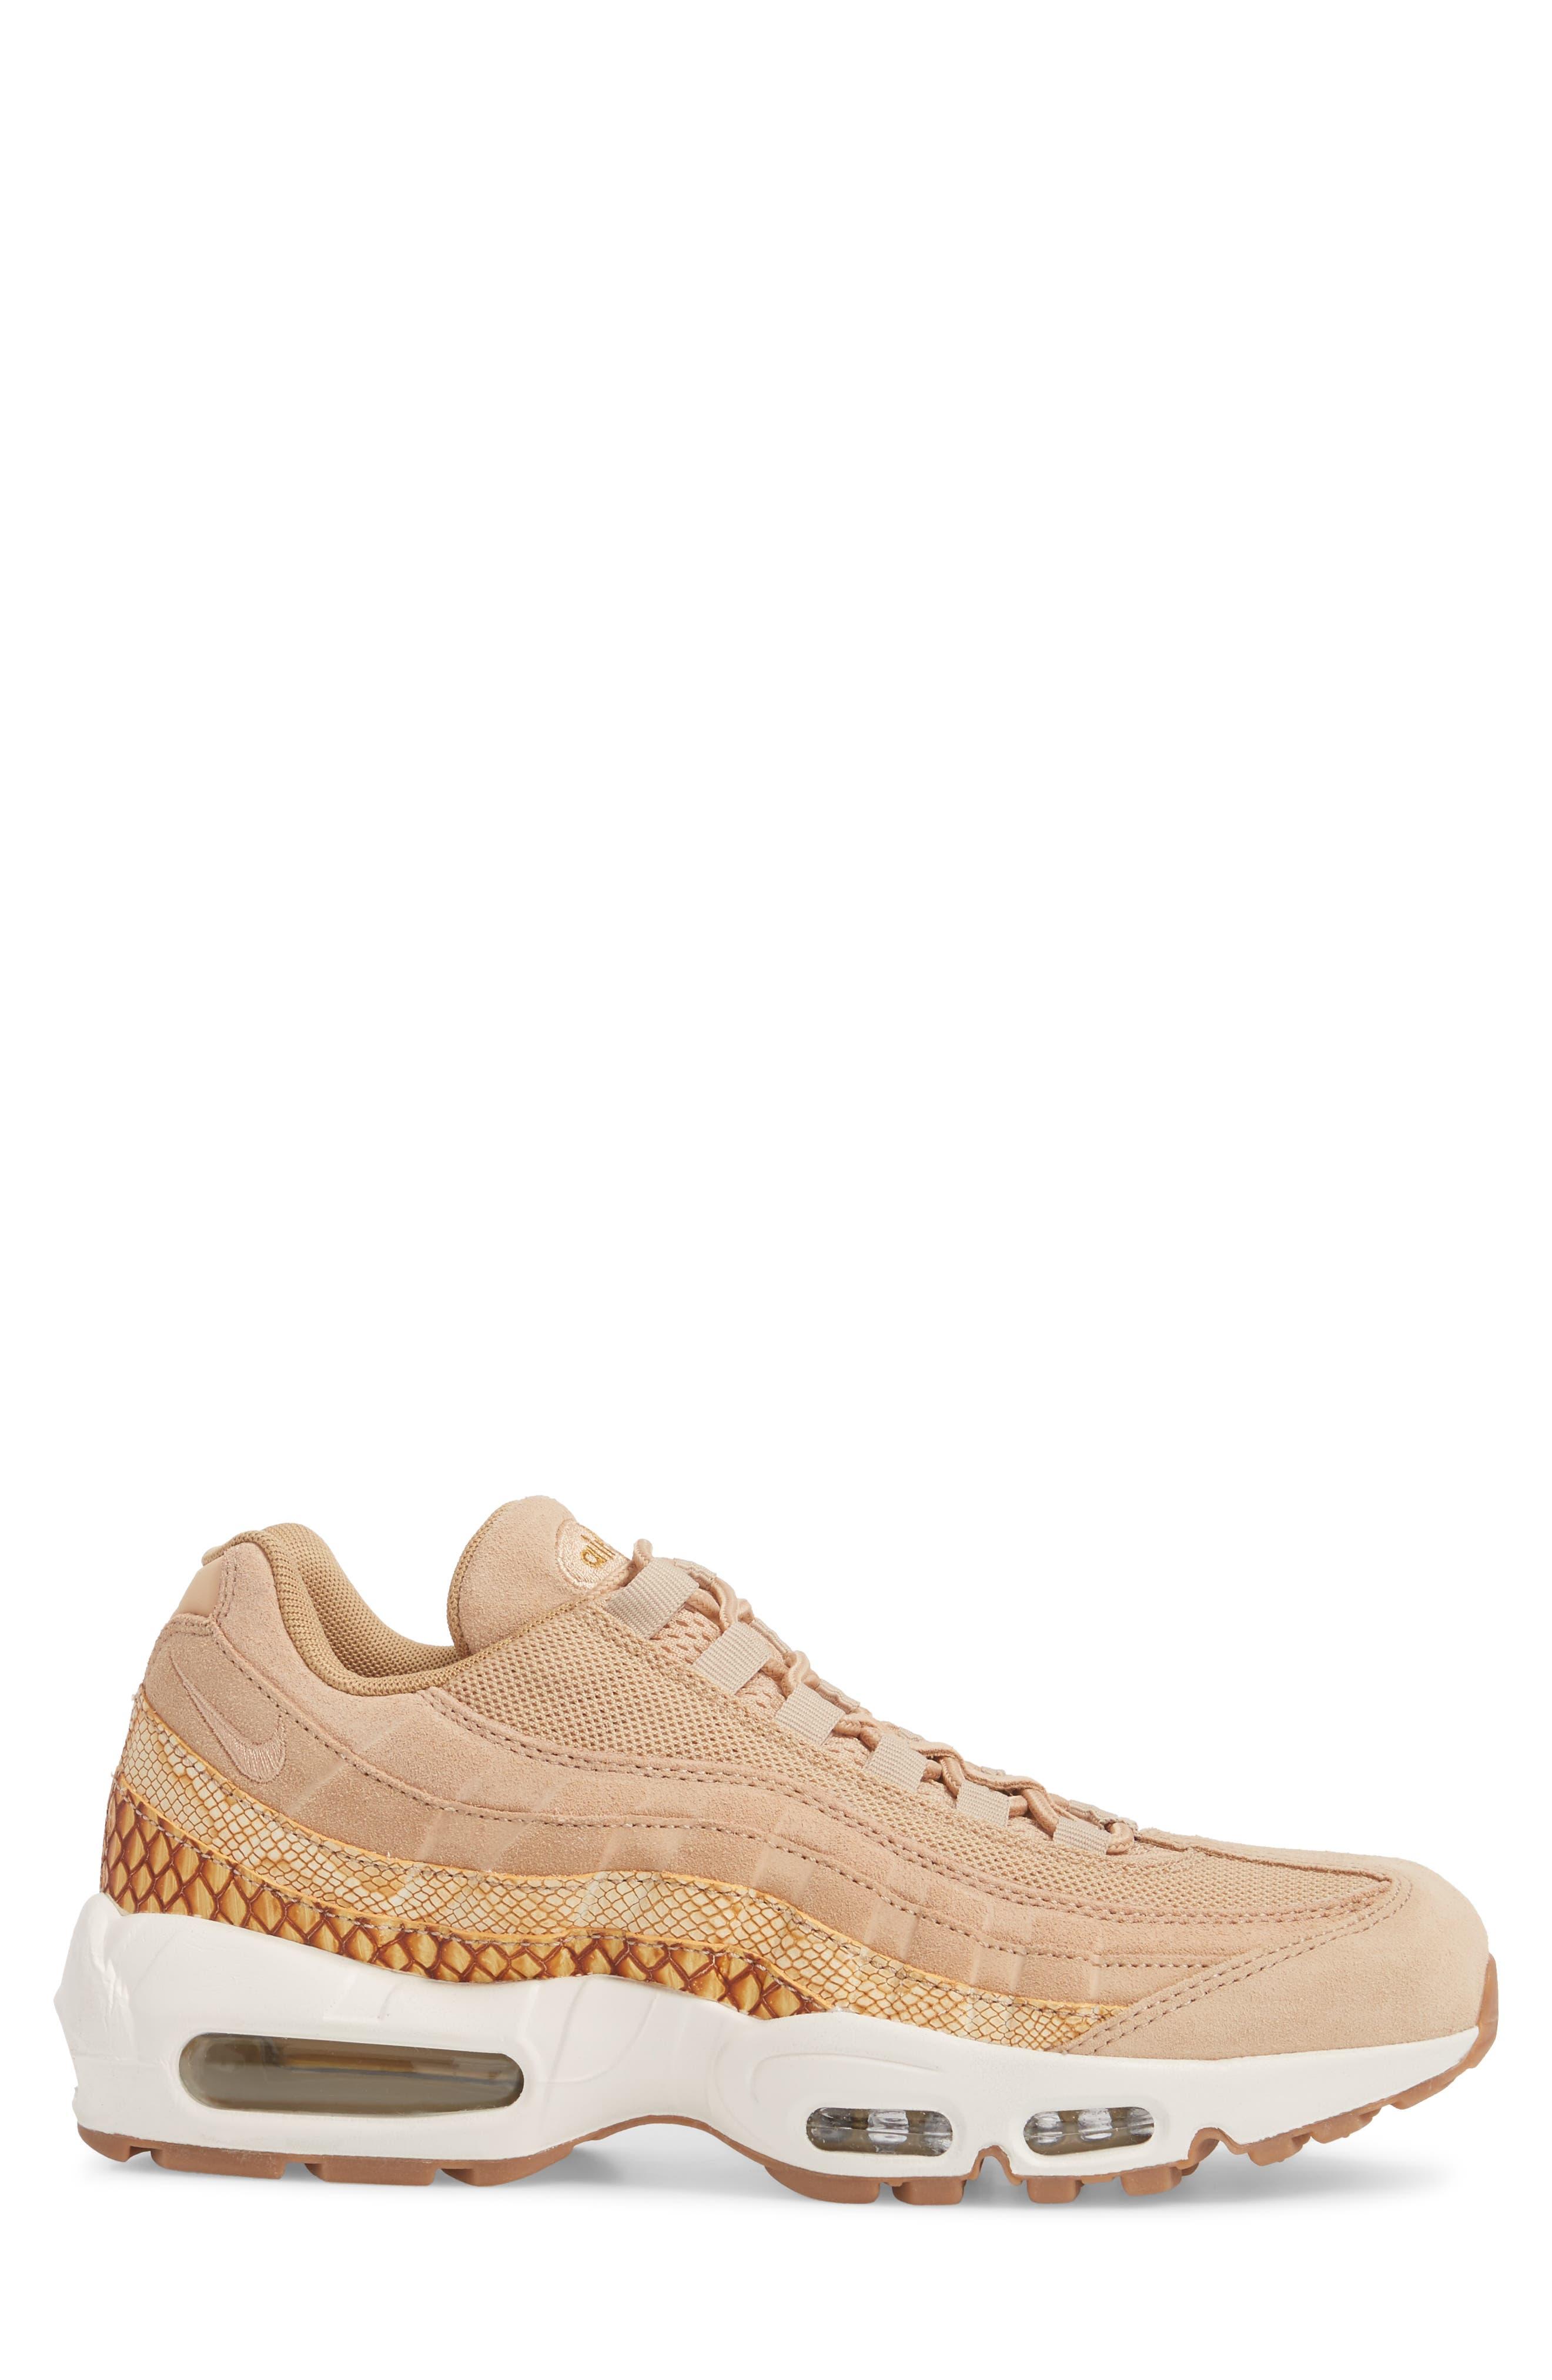 Air Max 95 Premium SE Sneaker,                             Alternate thumbnail 3, color,                             Tan/ Tan/ Elemental Gold